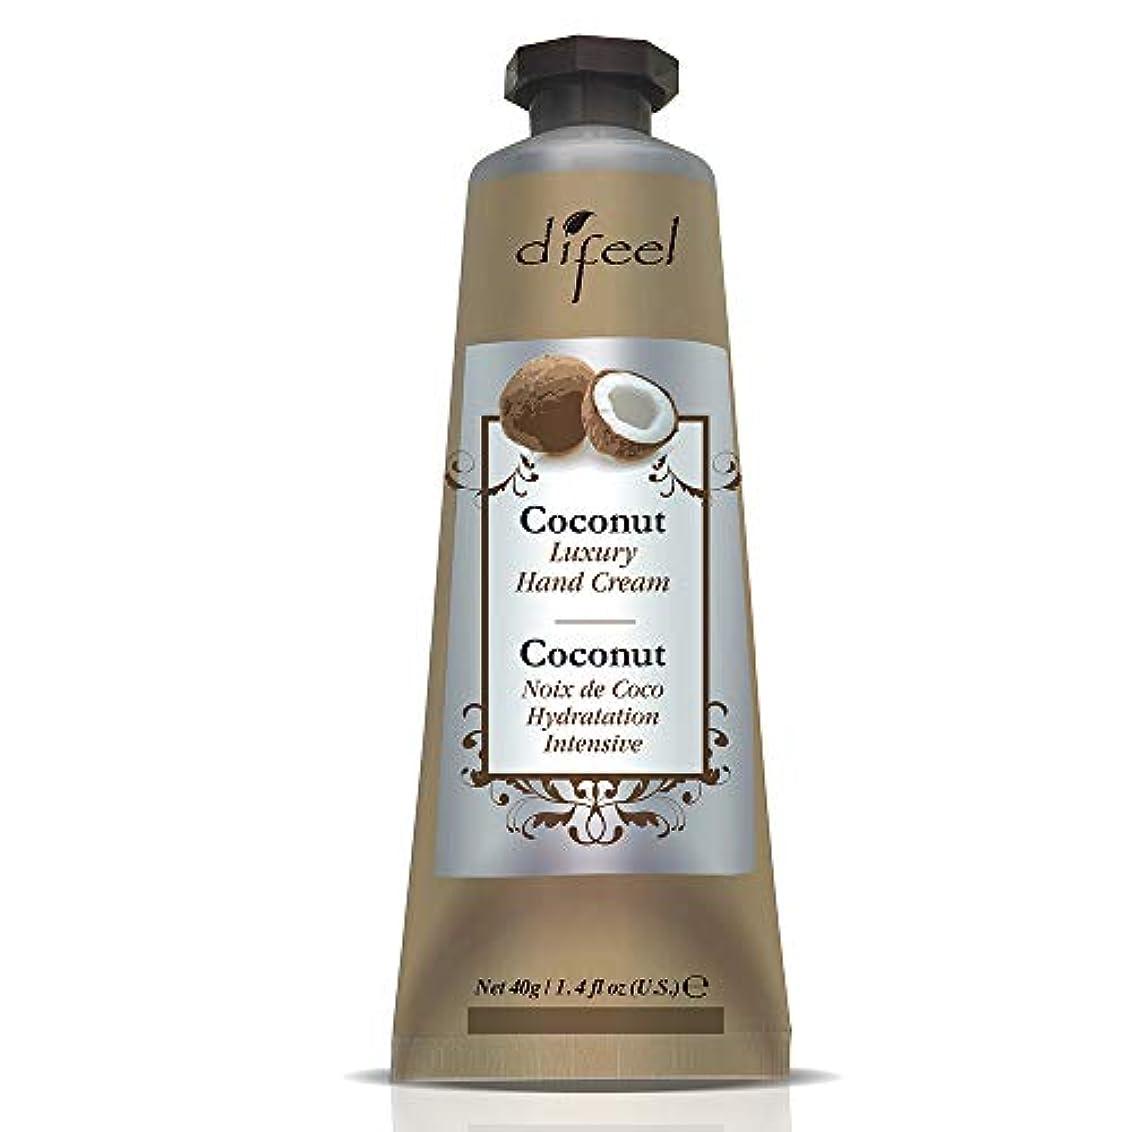 Difeel(ディフィール) ココナッツ ナチュラル ハンドクリーム 40g COCONUT 11COC New York 【正規輸入品】